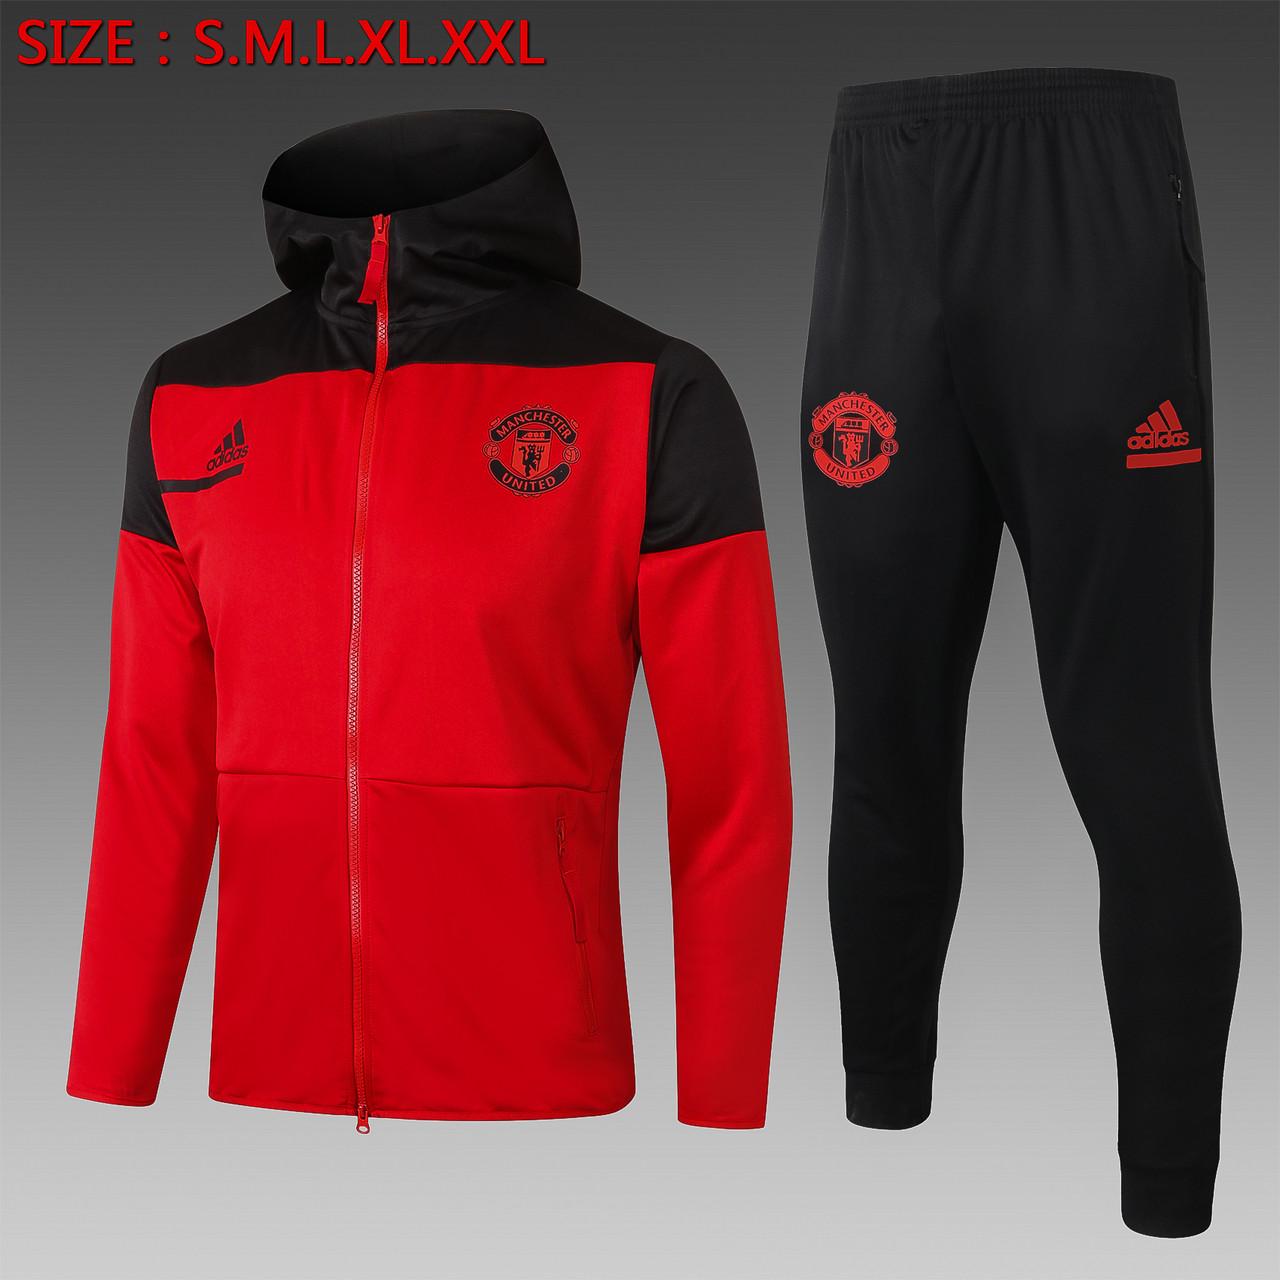 Спортивний тренувальний костюм Манчестер юнайтед Manchester United 20-21